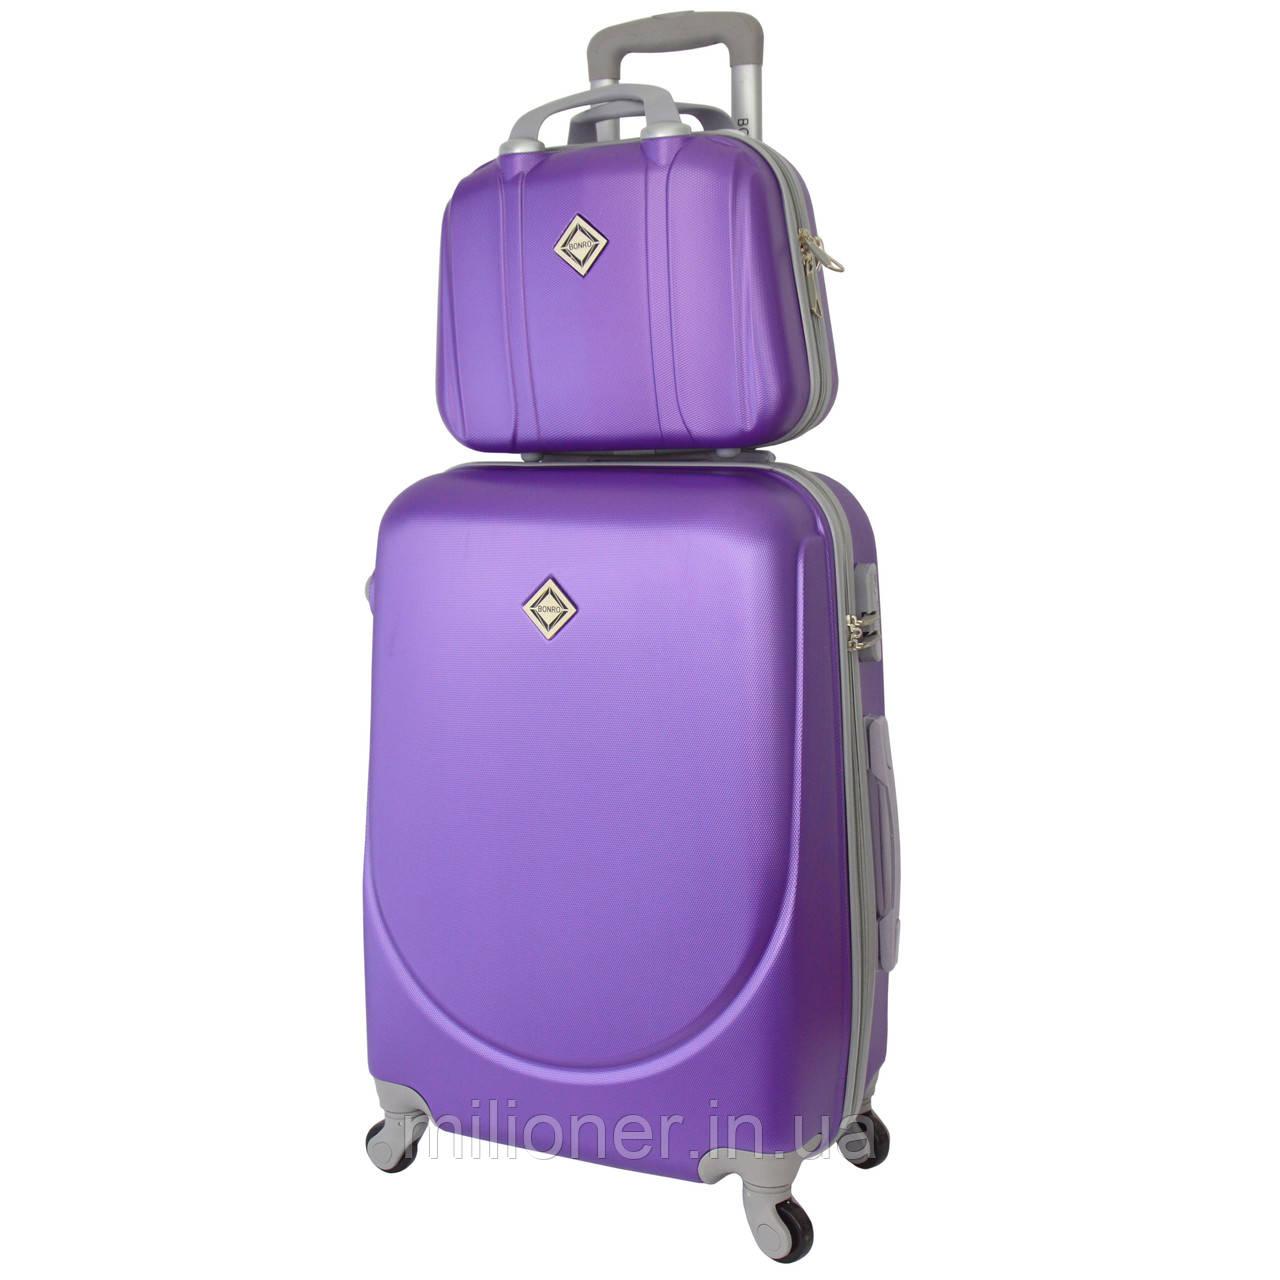 ef80a41bb64b Комплект чемодан + кейс Bonro Smile (большой) фиолетовый - milioner.in.ua